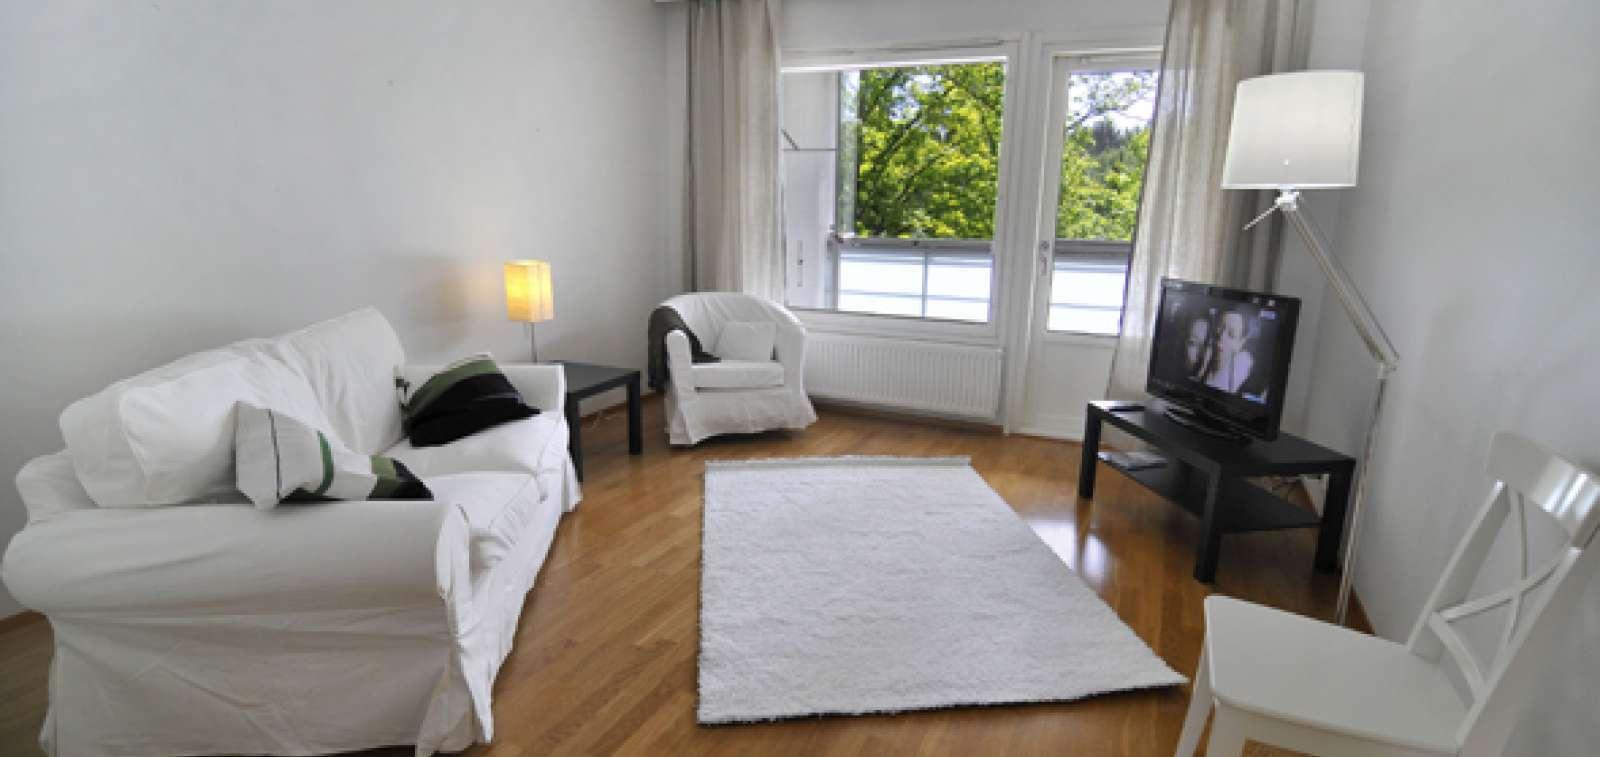 аренда квартиры в финляндии